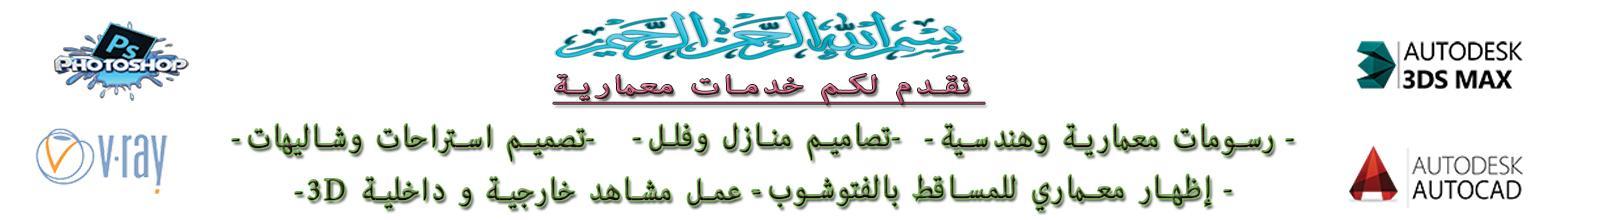 mohadj